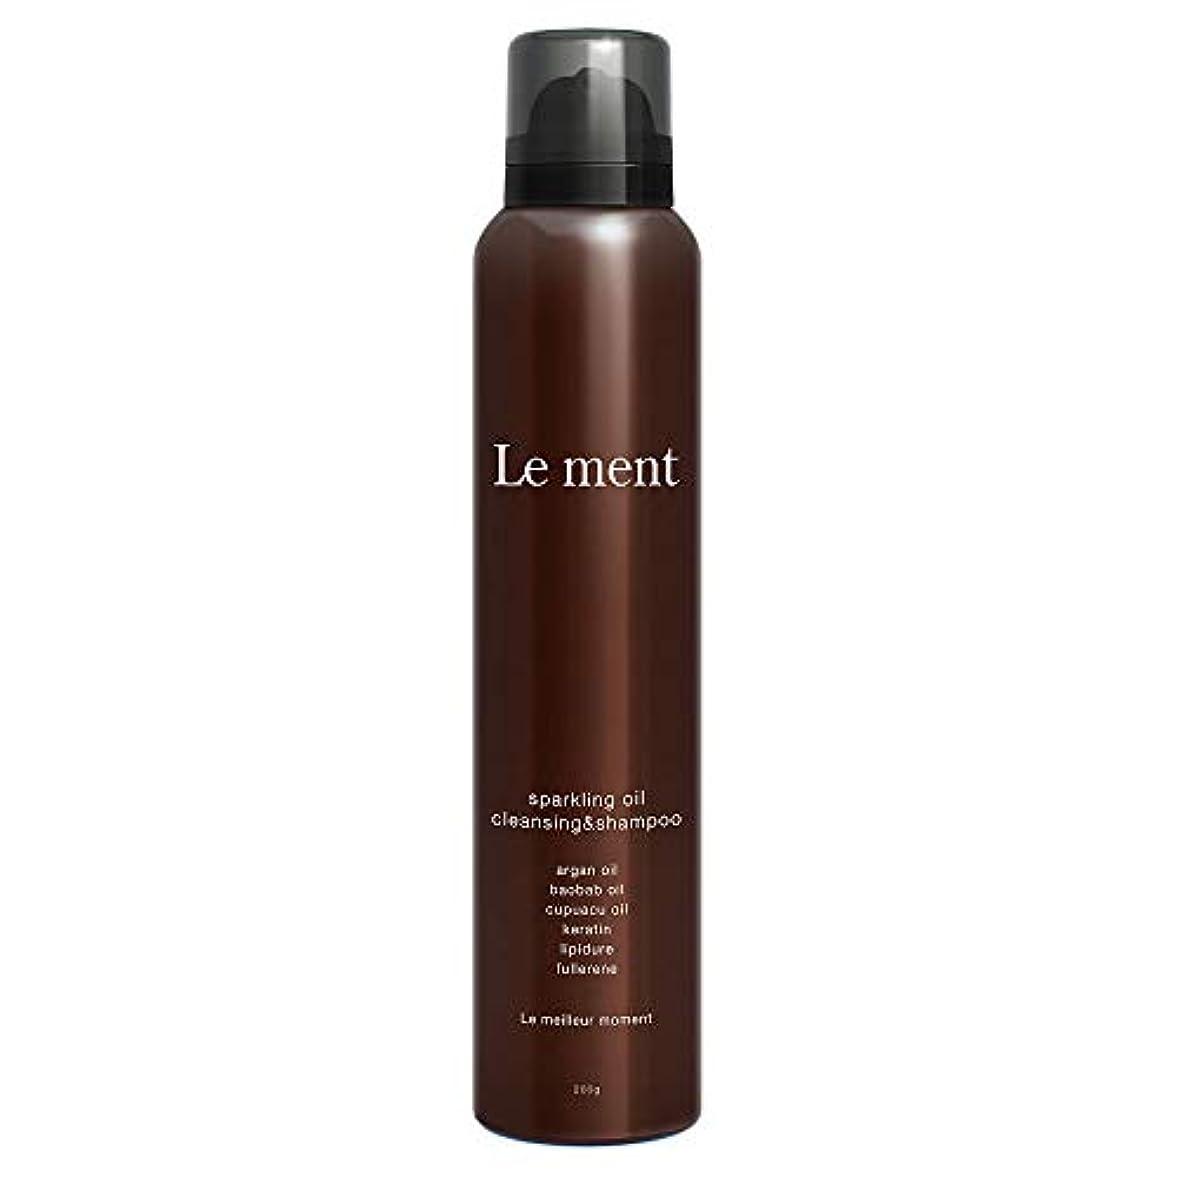 音楽家ガラスドローLe ment -sparkling oil cleansing & shampoo -